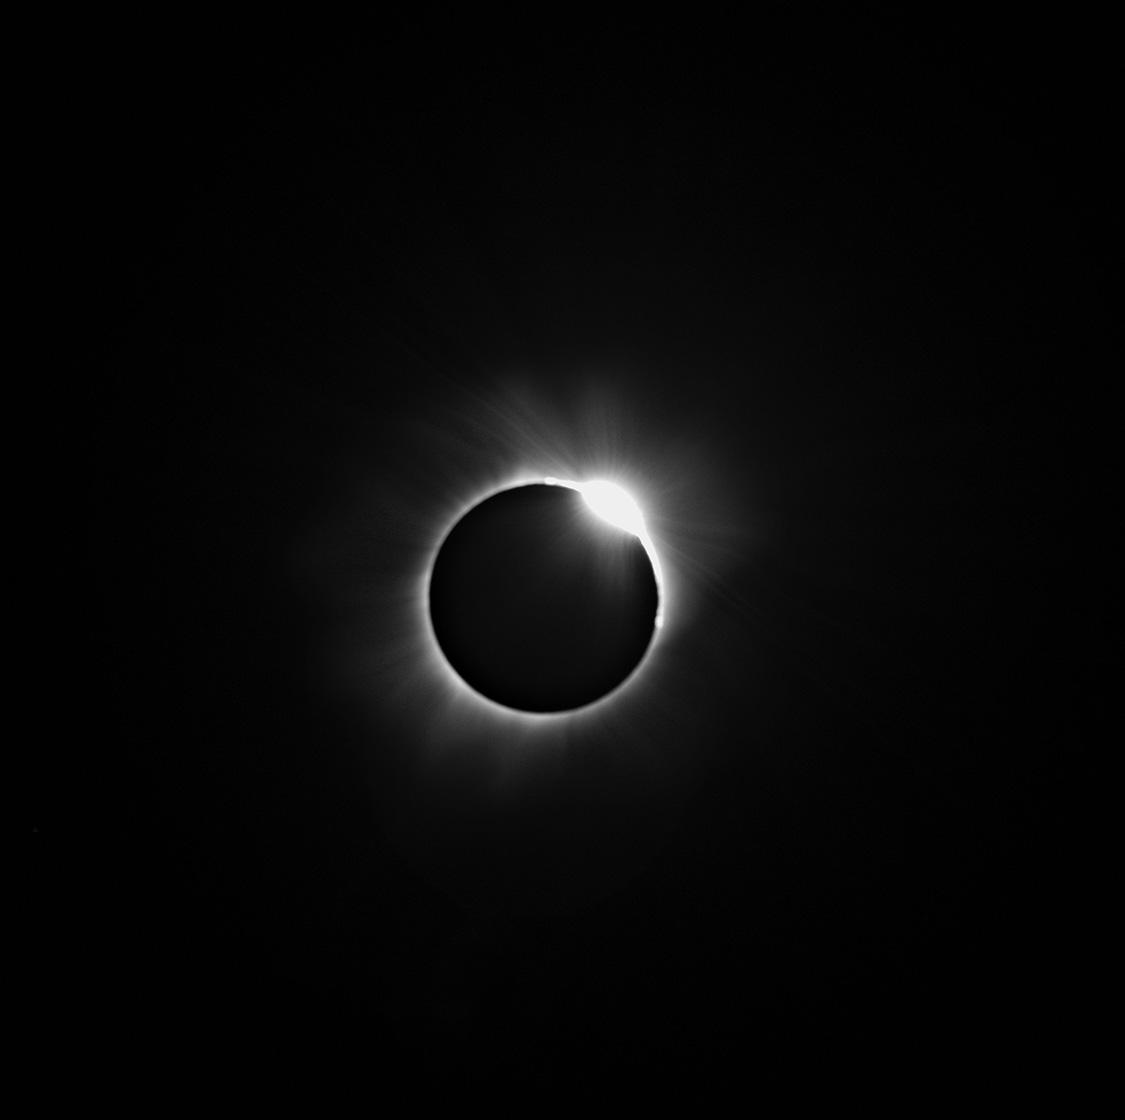 Michael Fain - Eclipse C1